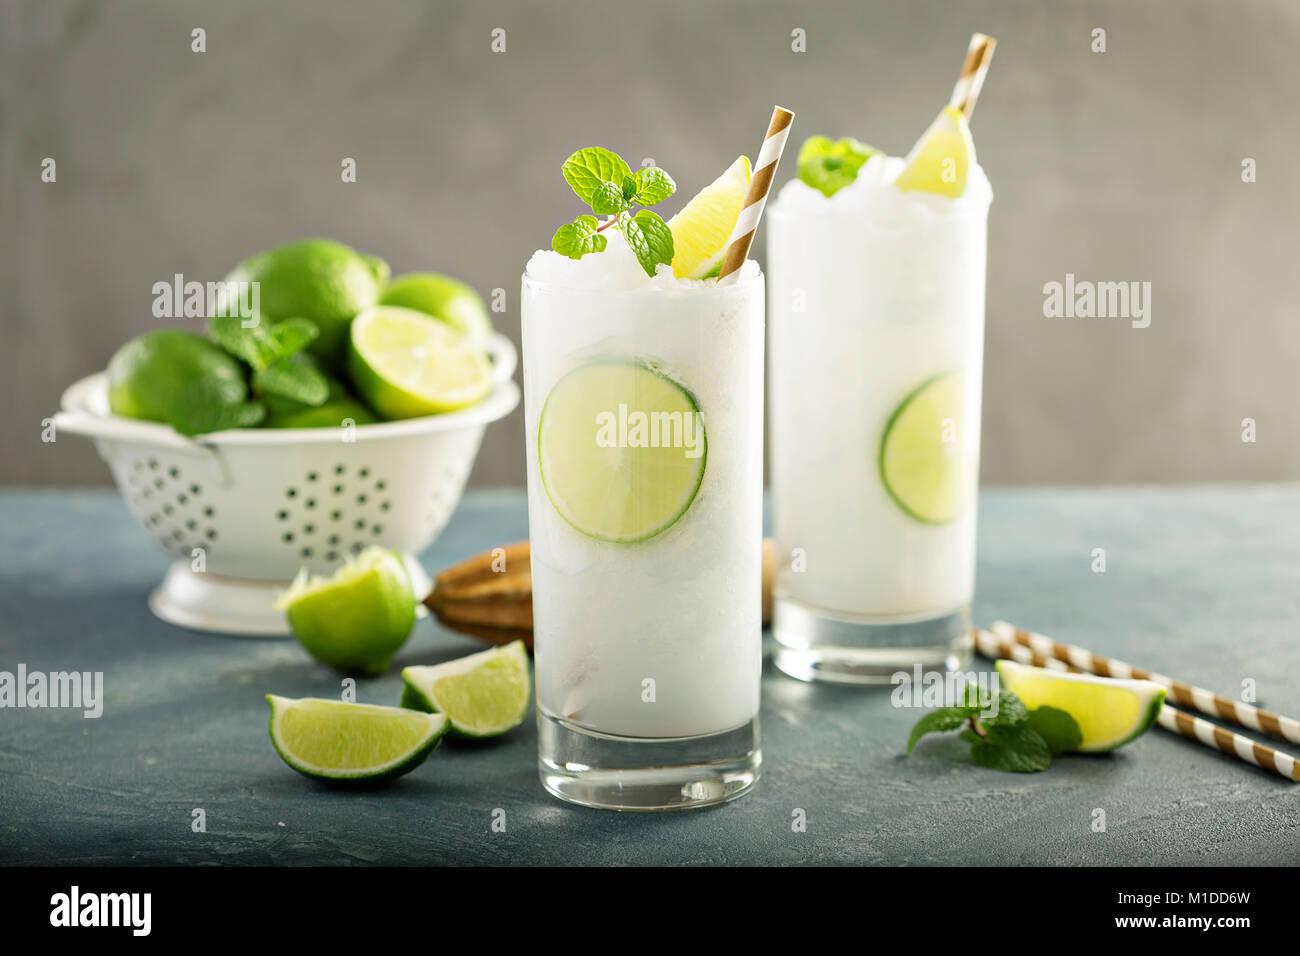 Refrescante lima fresca o congelada slushie Imagen De Stock